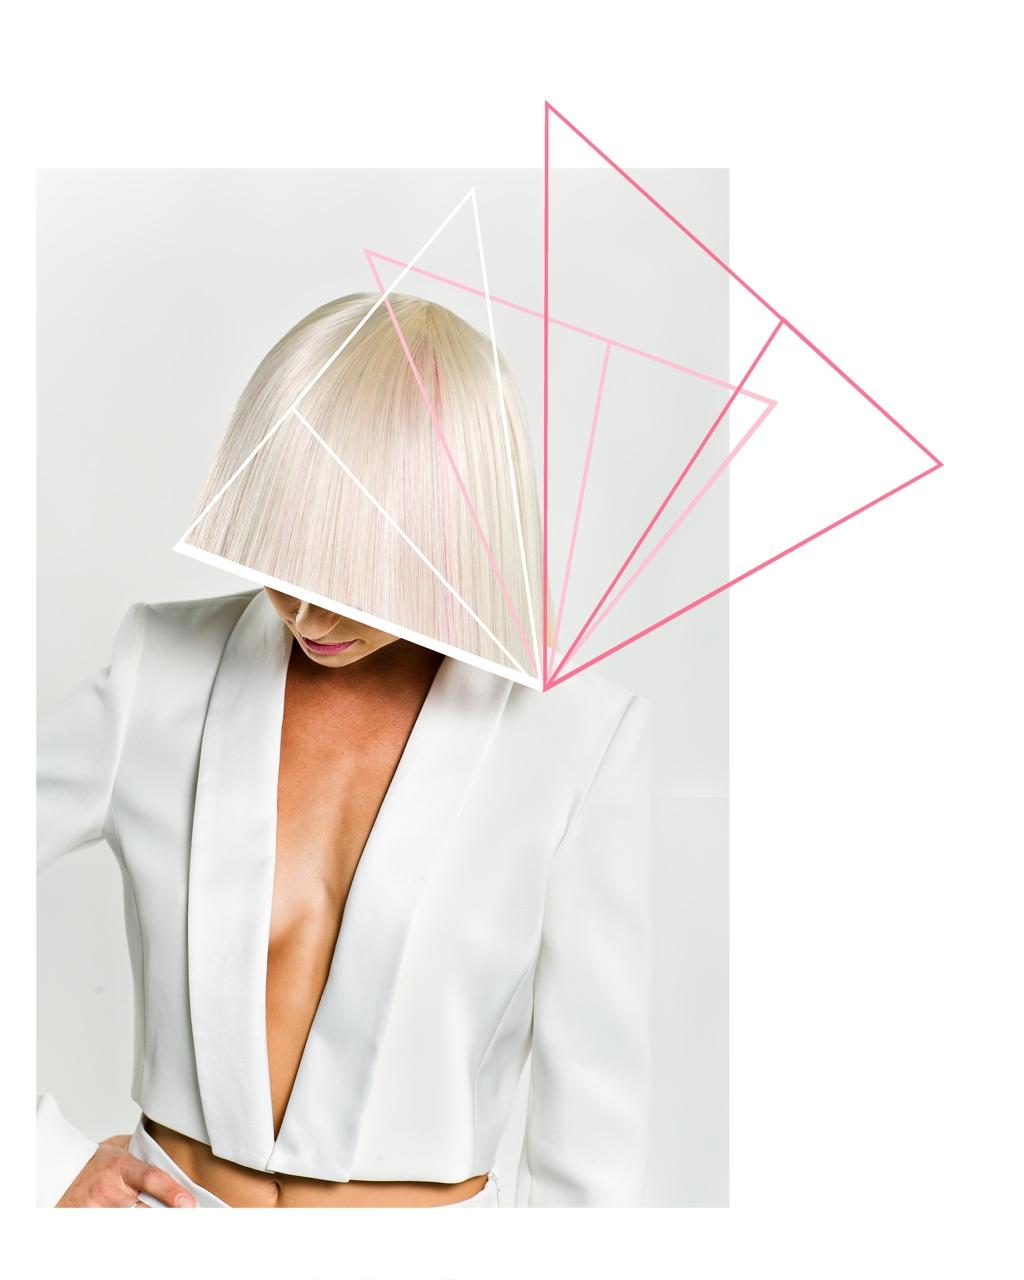 Atelier Emmanuel Line Collection rmx 03